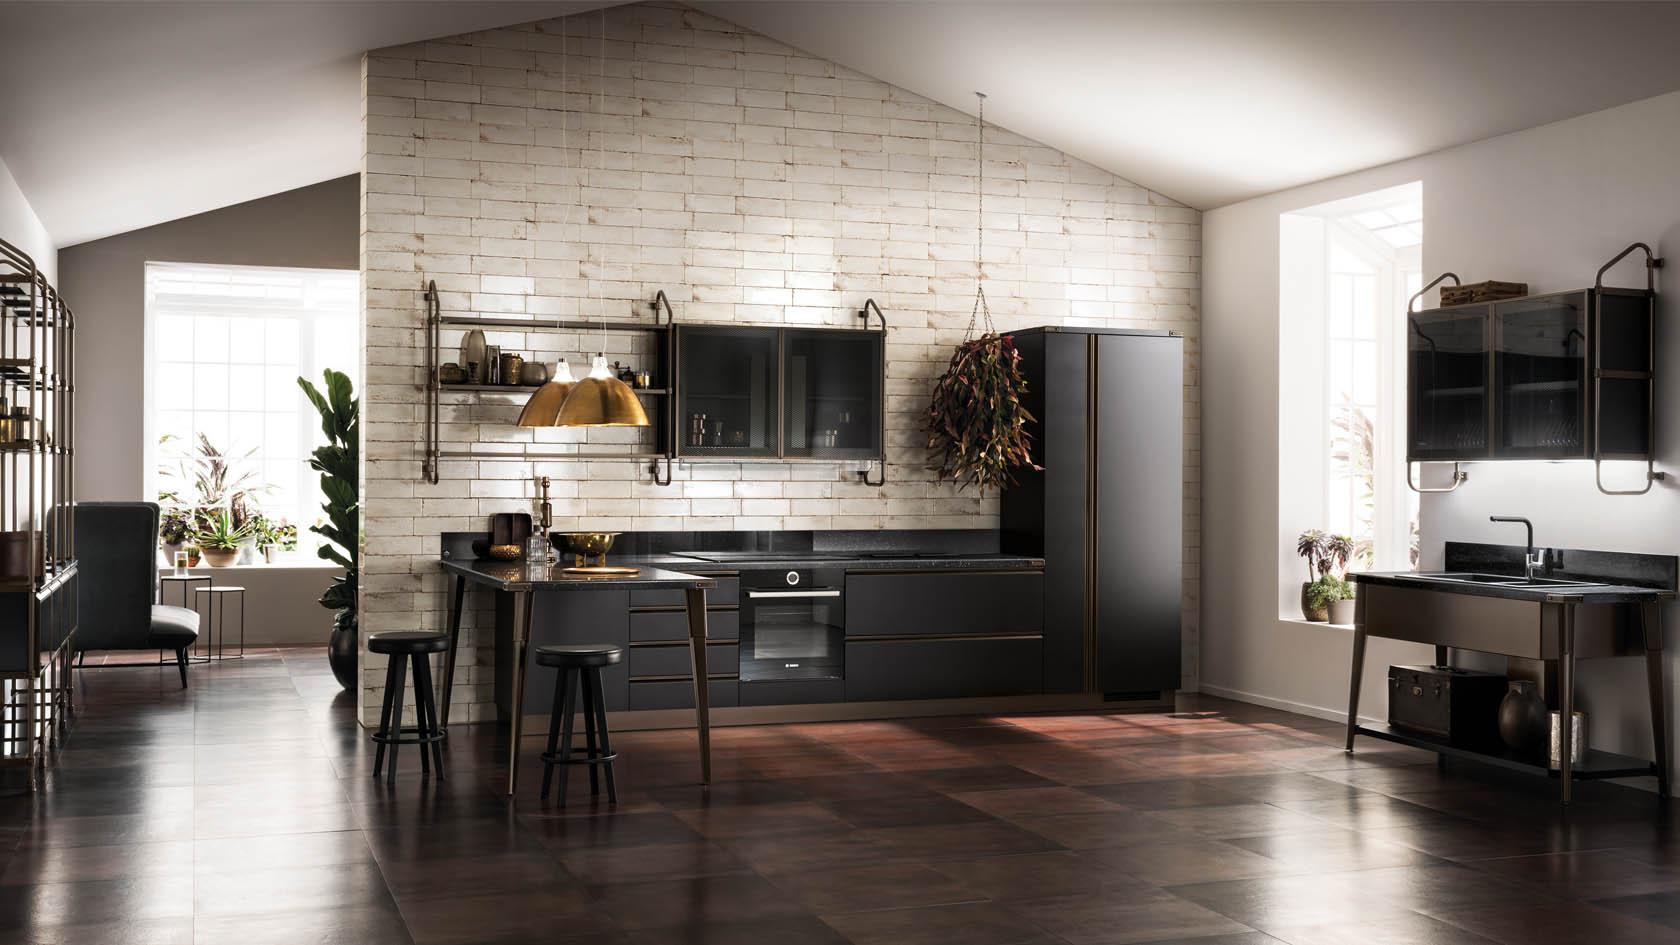 cucina-scavolini-diesel-opne-workshop-3 - Arredamenti Grossi